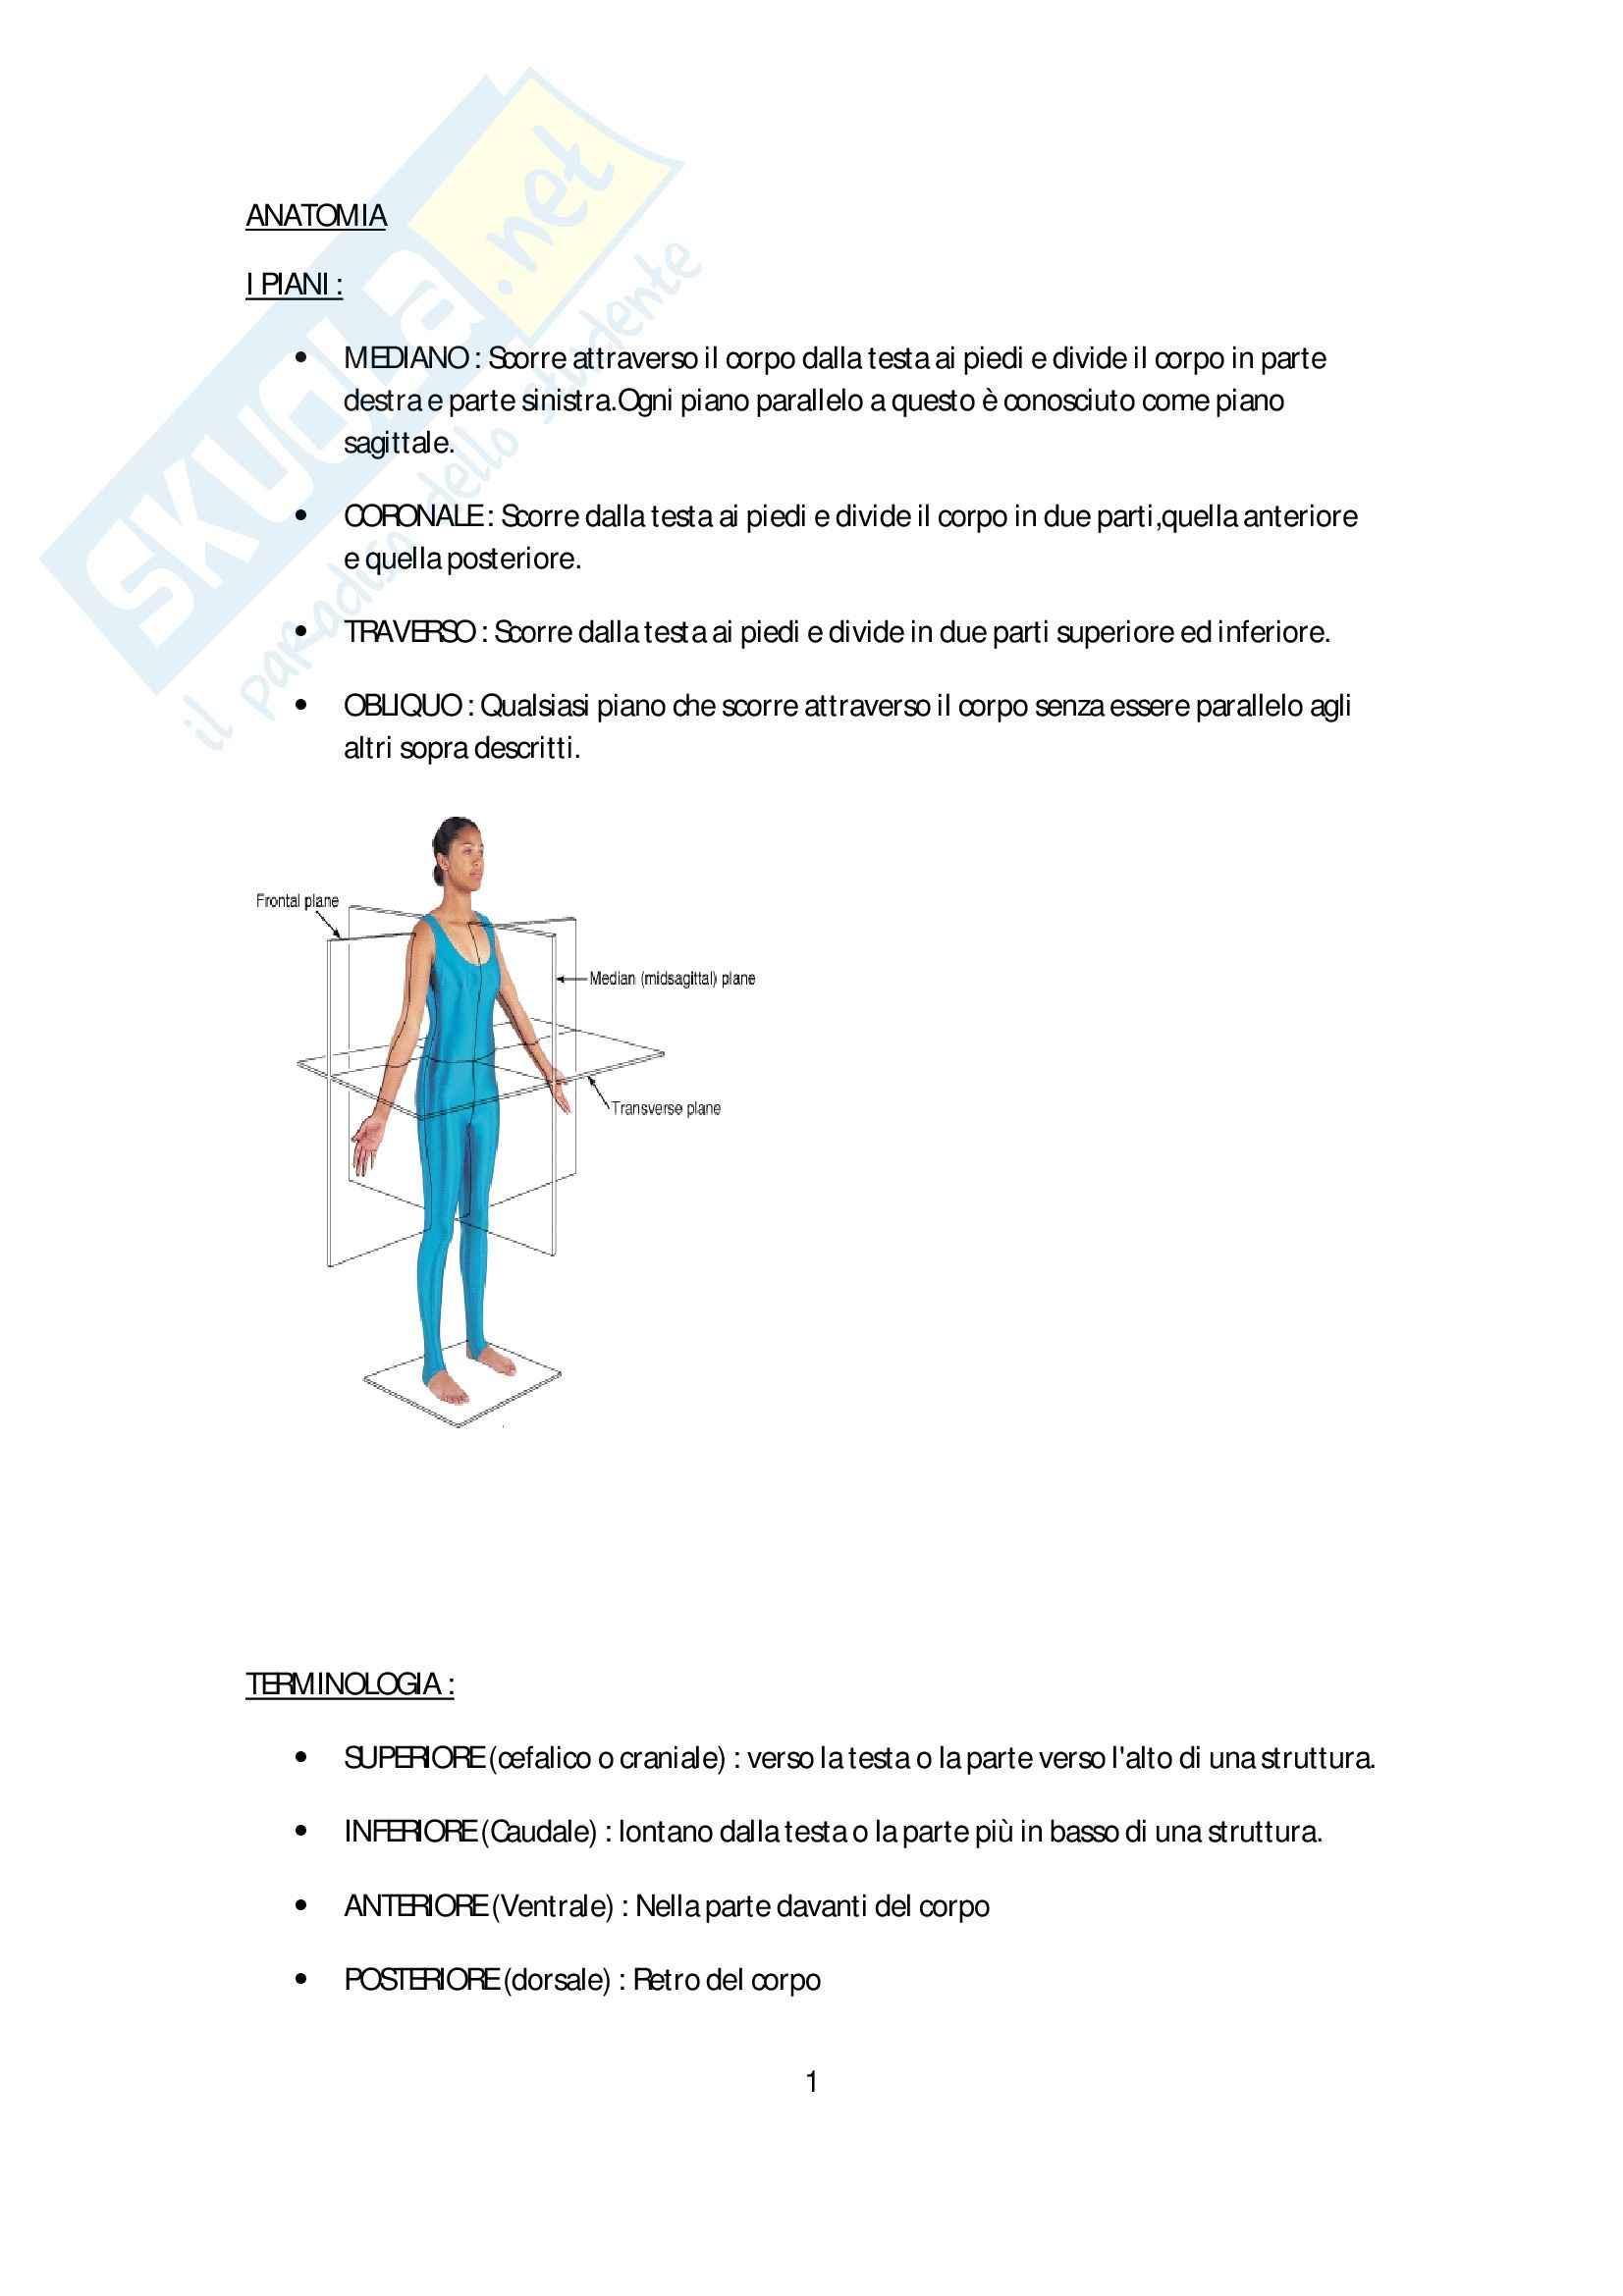 Riassunto esame anatomia e istologia : intro,apparato scheletrico e articolazioni, prof. Boccafoschi